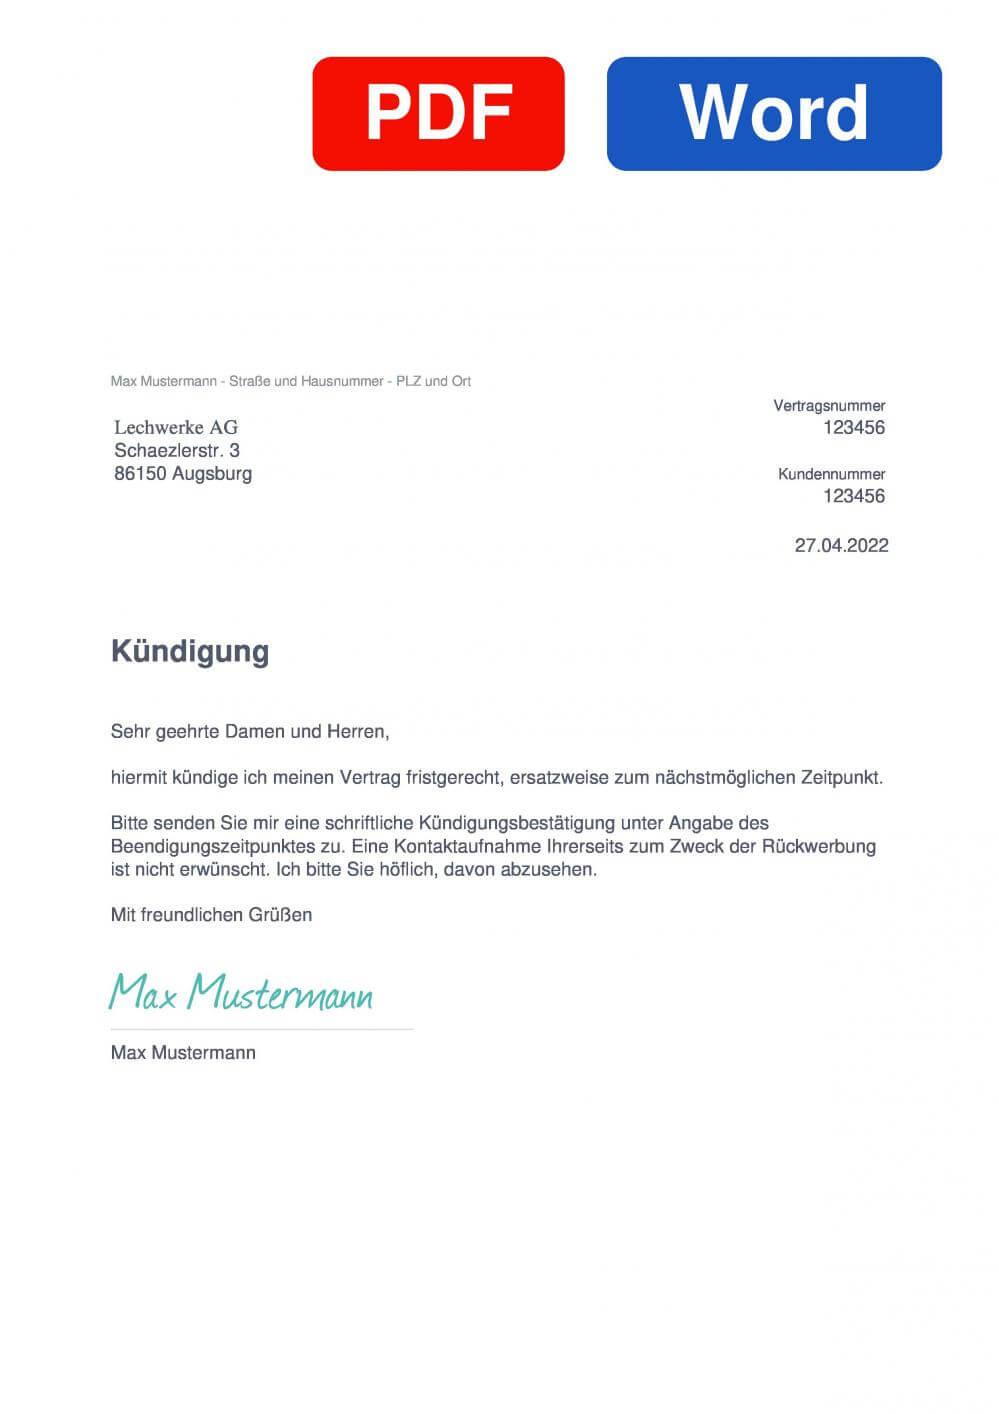 Lechwerke Muster Vorlage für Kündigungsschreiben